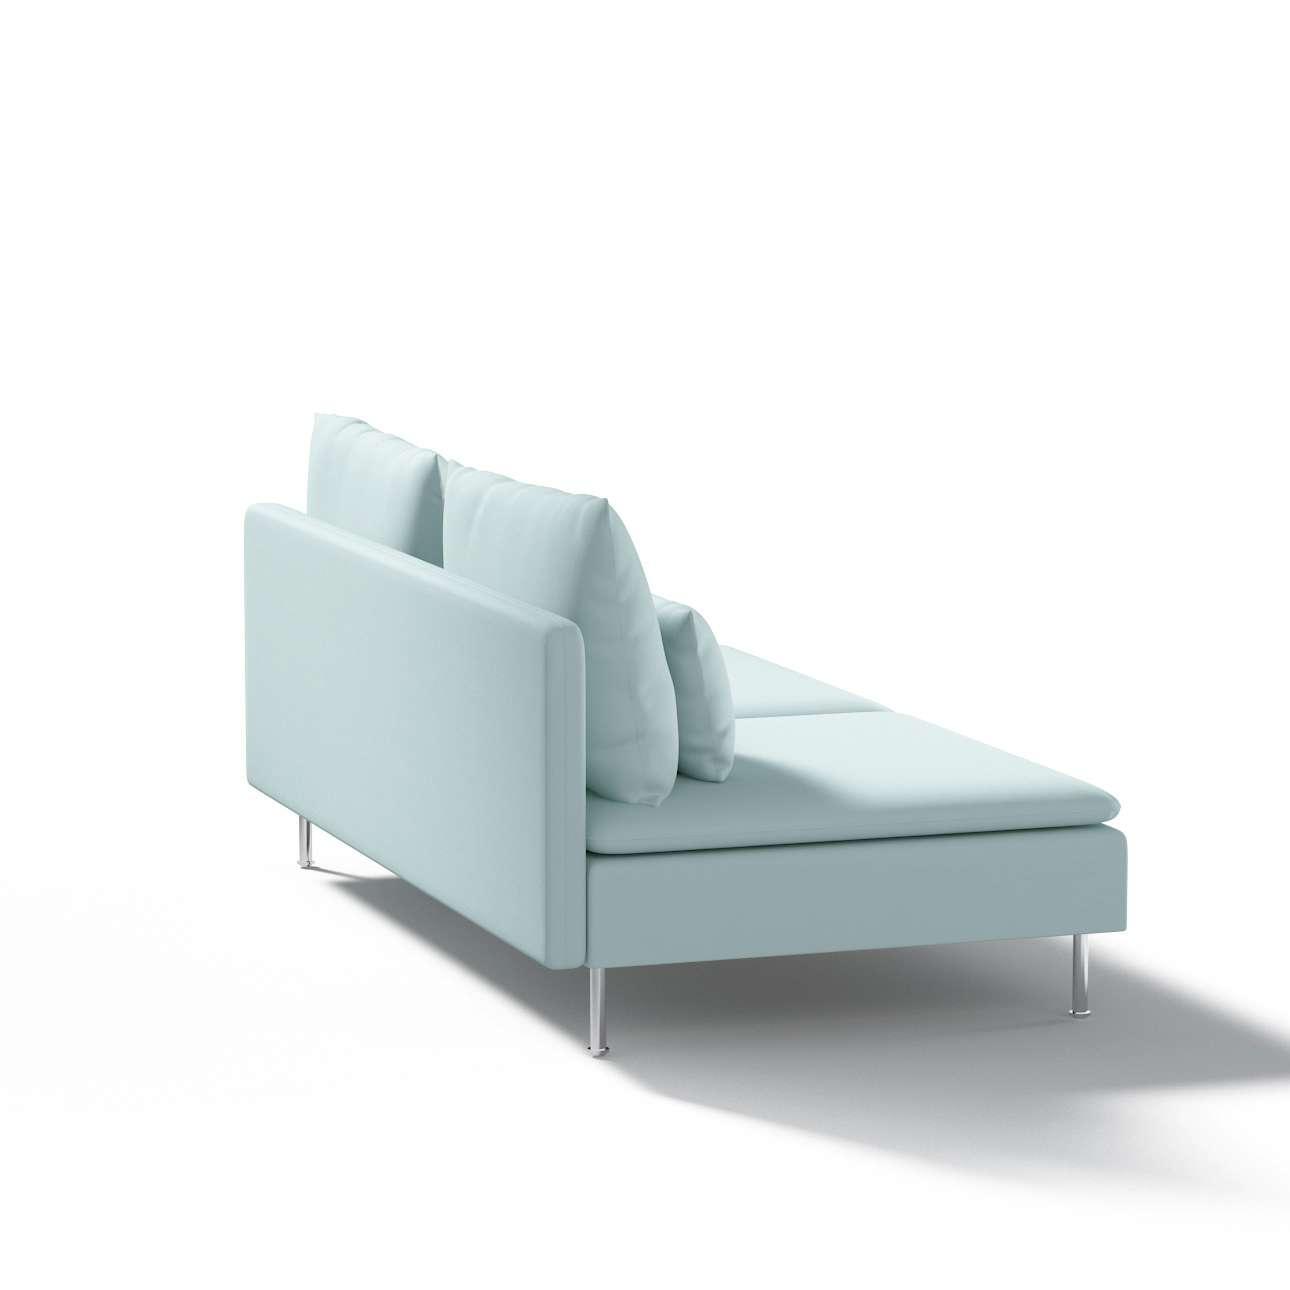 Söderhamn Bezug für Sitzelement 3 von der Kollektion Cotton Panama, Stoff: 702-10